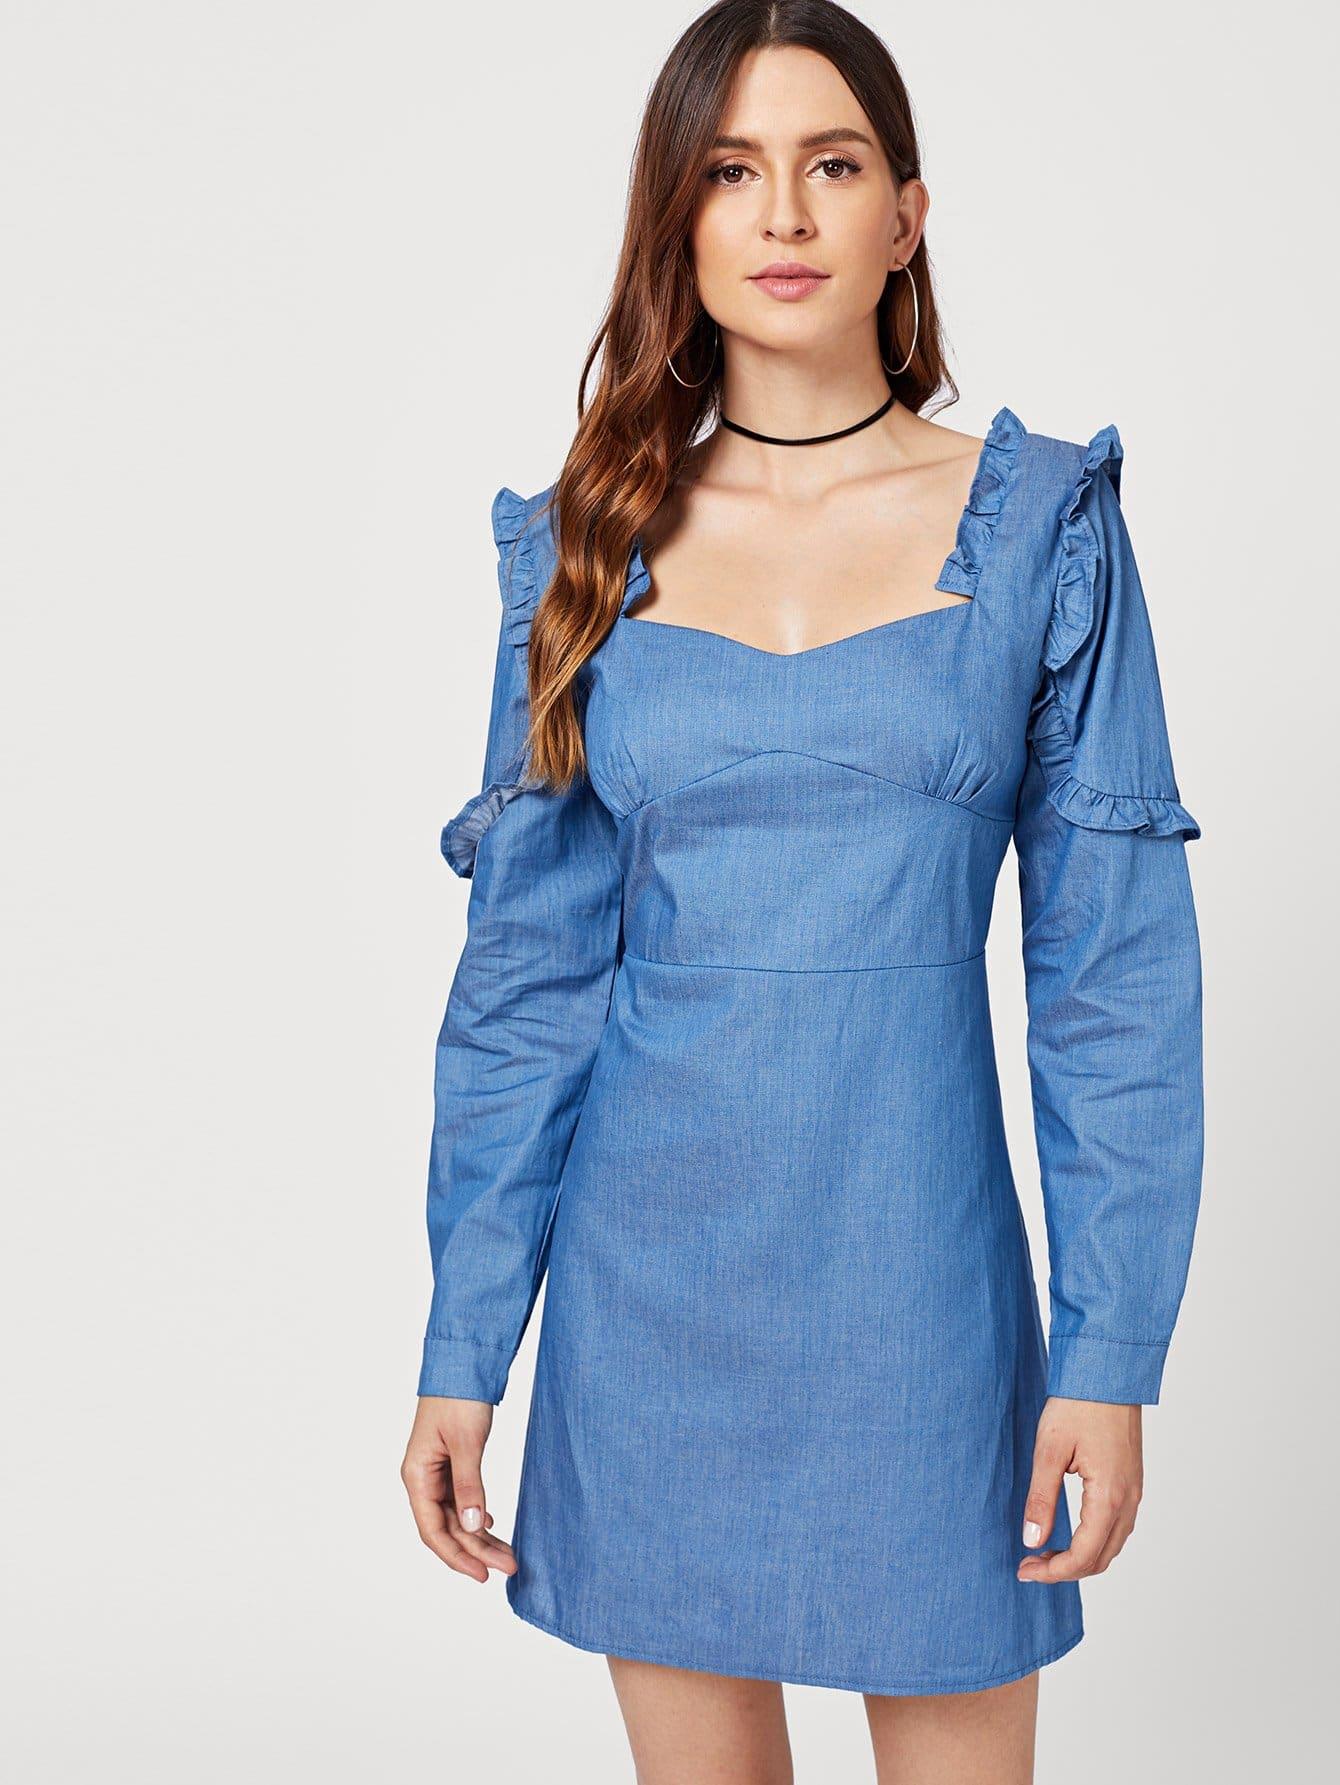 Купить Джинсовое платье с розеткой и воротником сердца, Jana, SheIn